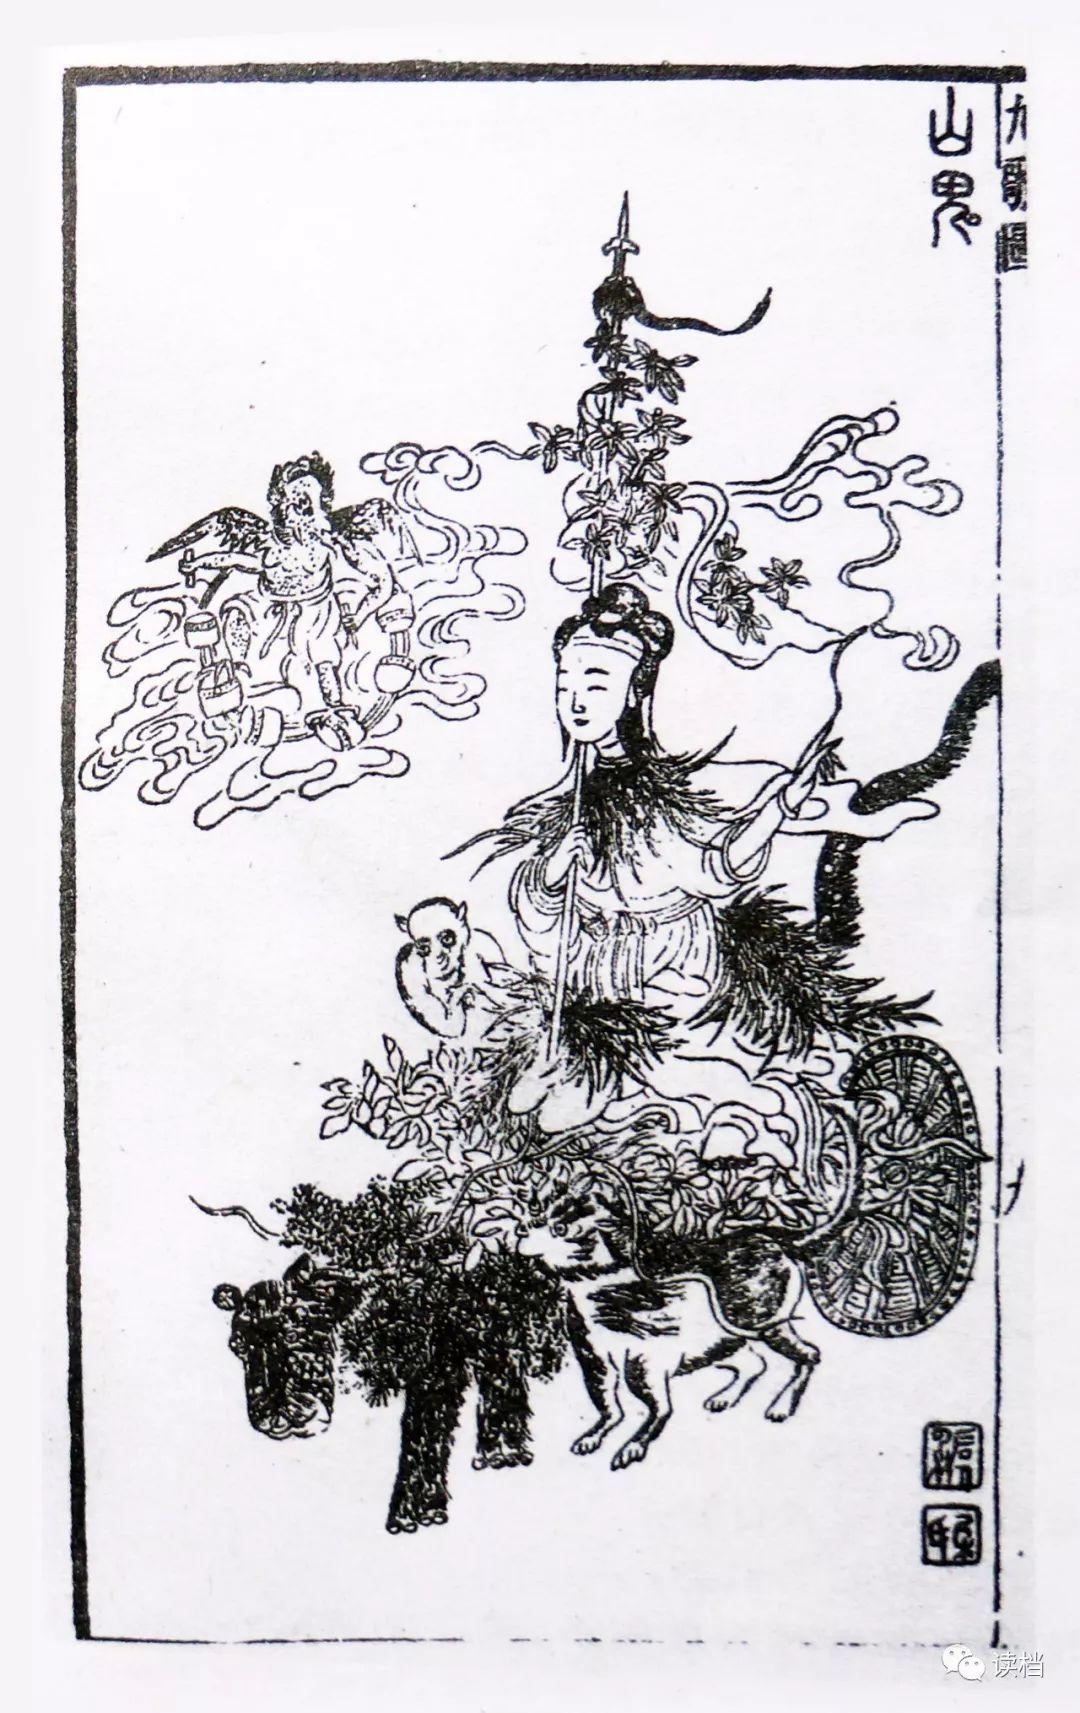 《离骚》插图(公元1645年萧云从画,汤复雕刻,清代民间版画代表作),现藏湖北秭归屈原纪念馆